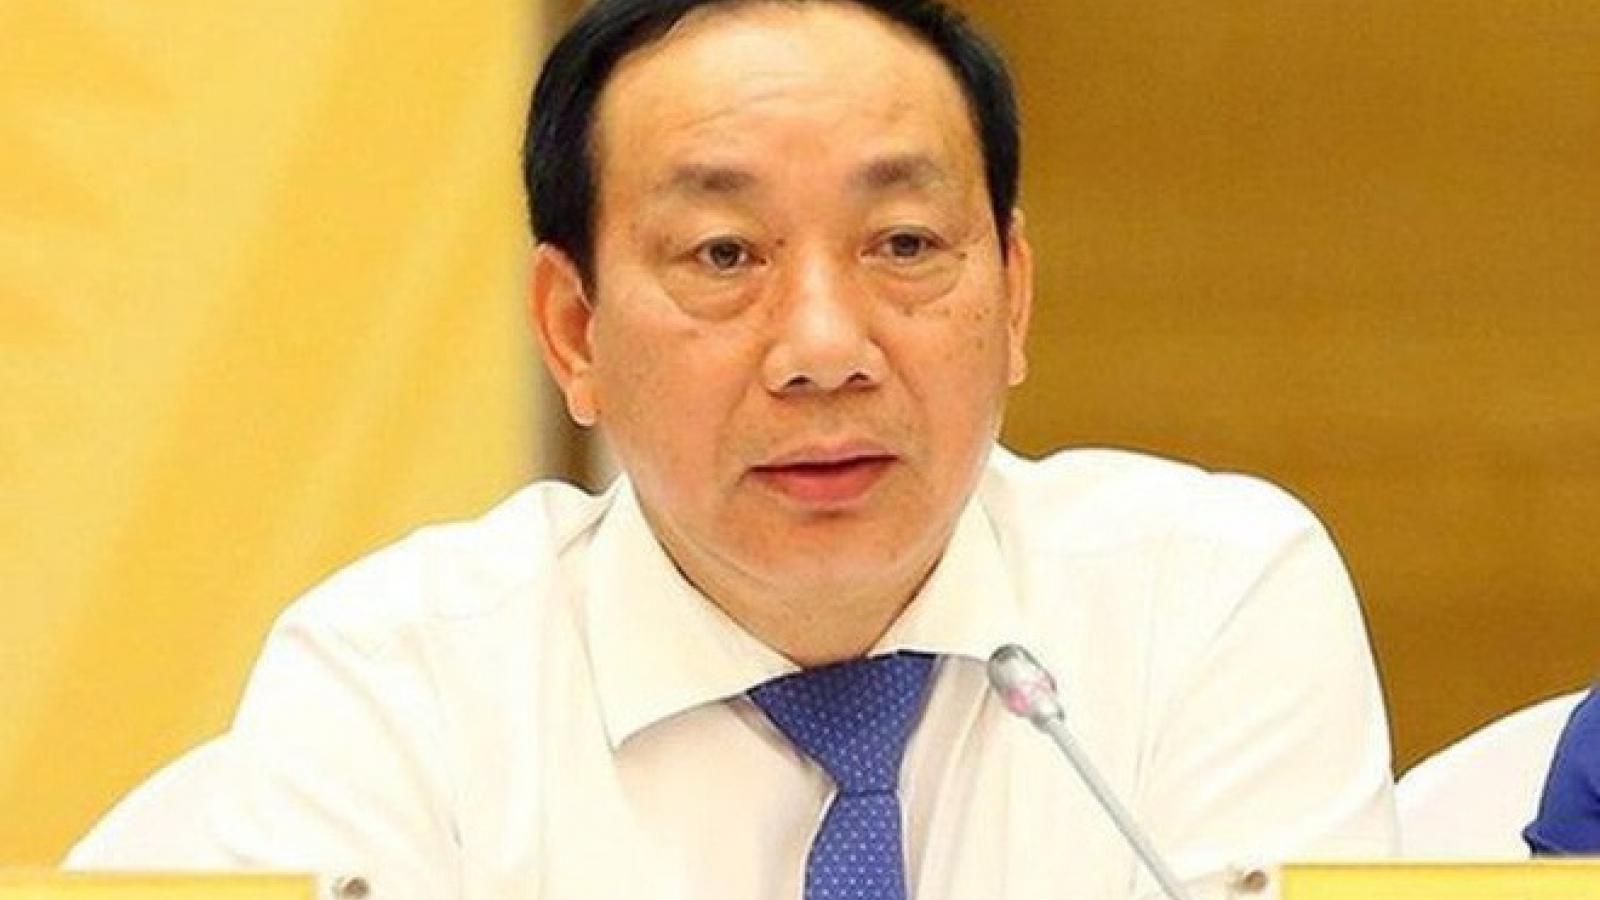 Nóng 24h: Khởi tố, bắt tạm giam cựu Thứ trưởng Bộ GT-VT Nguyễn Hồng Trường